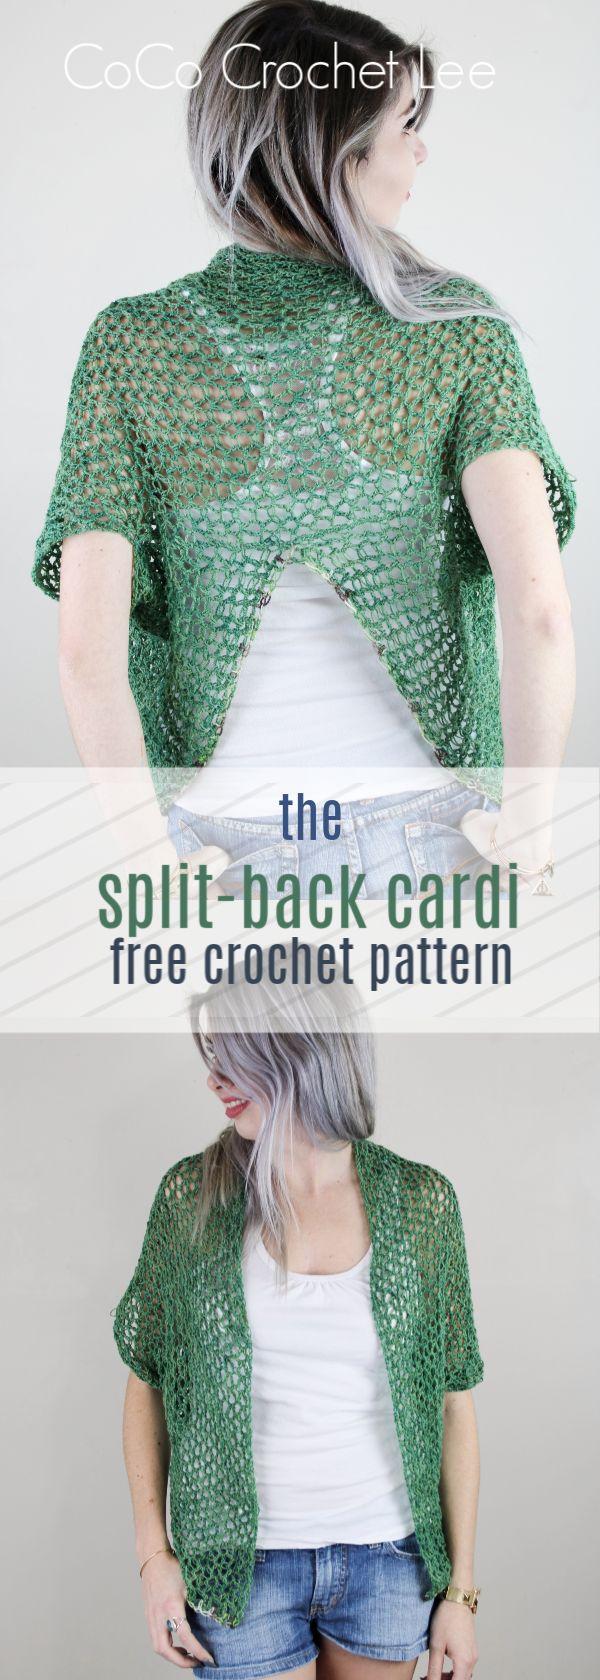 O padrão de Crochet Free Spliti-Cardi!